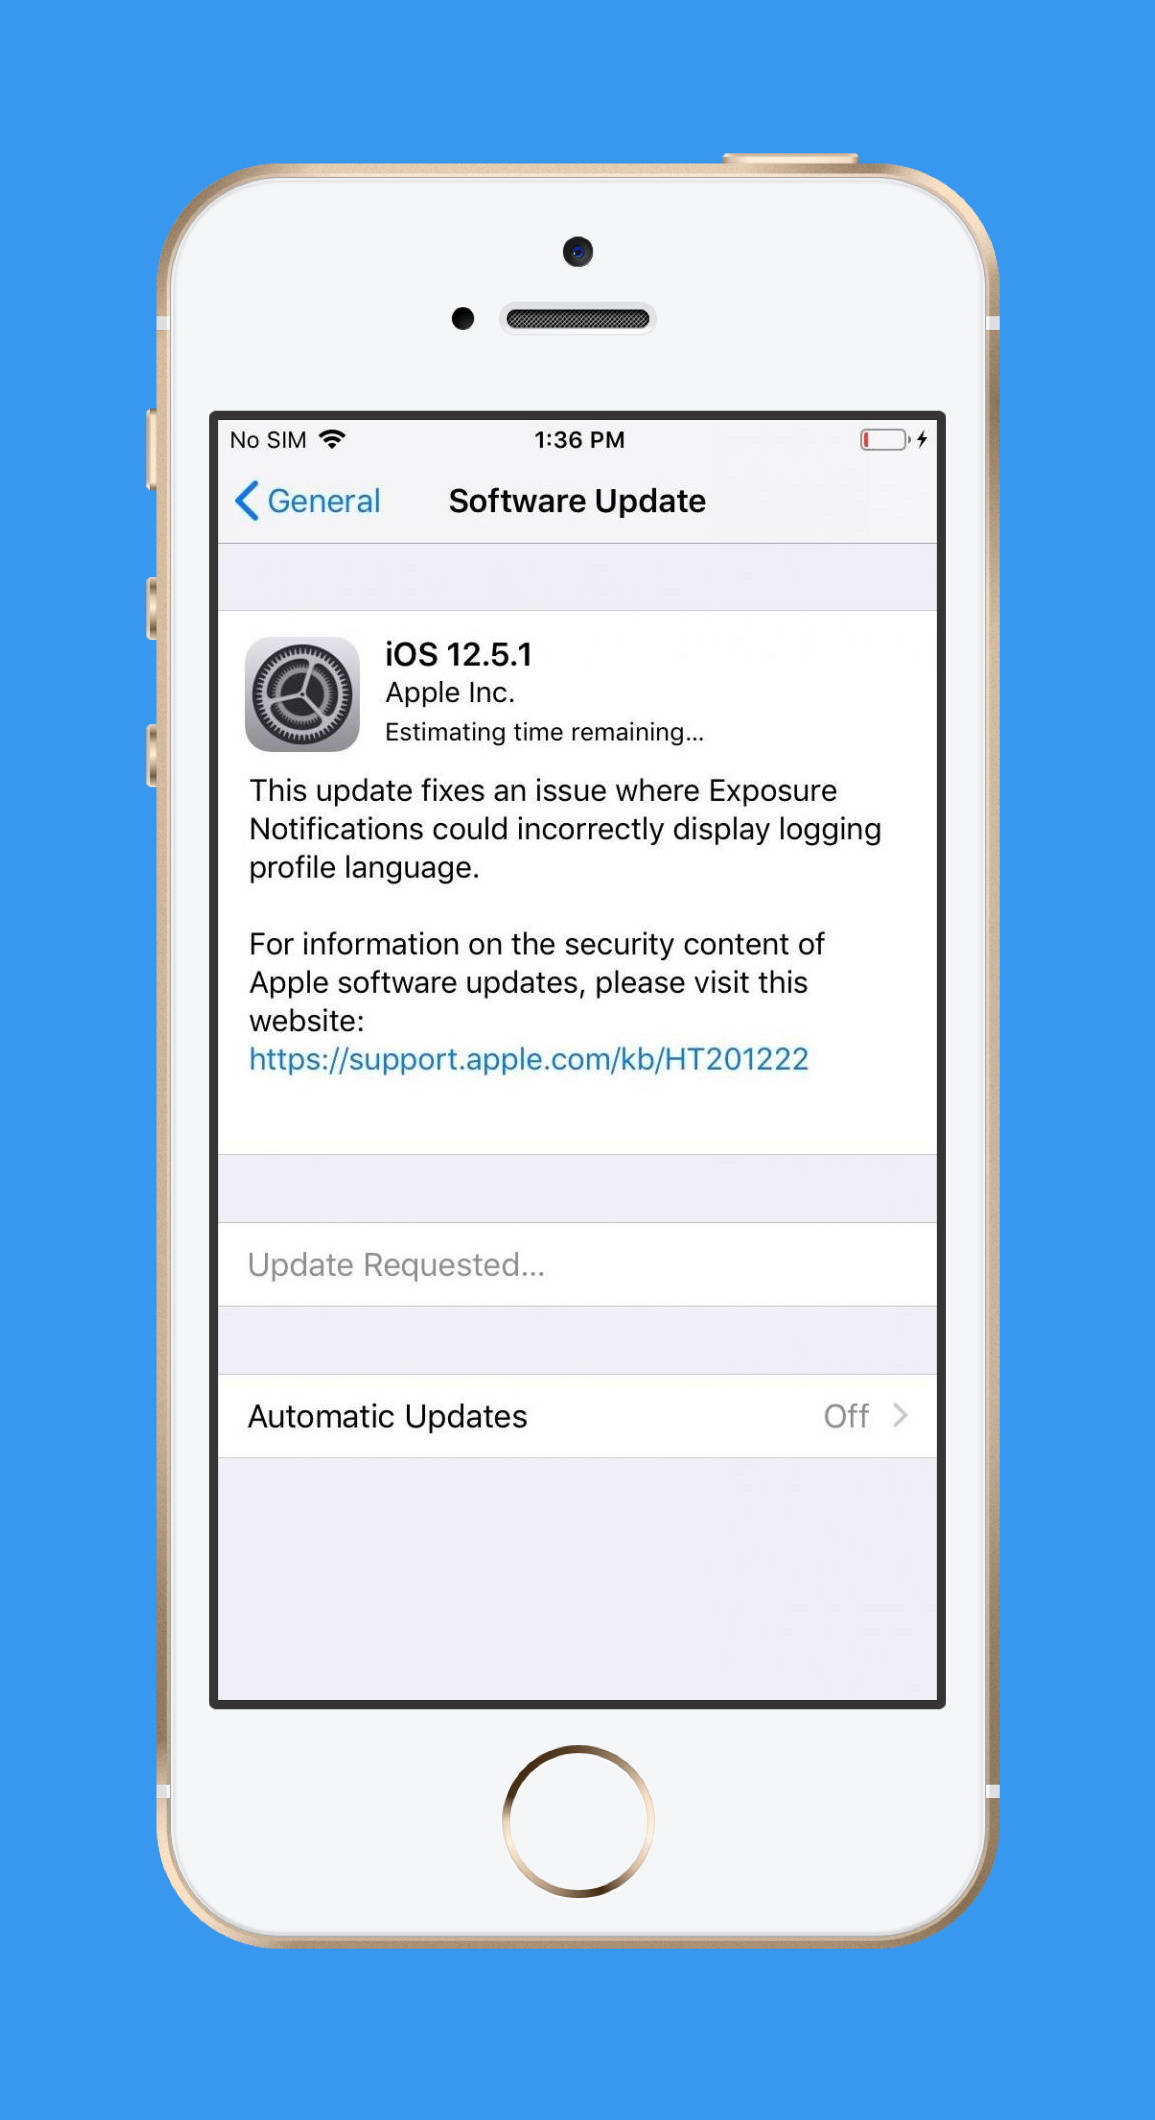 苹果为老机型推送 IOS 12.5.1 版本,修复暴露通知问题